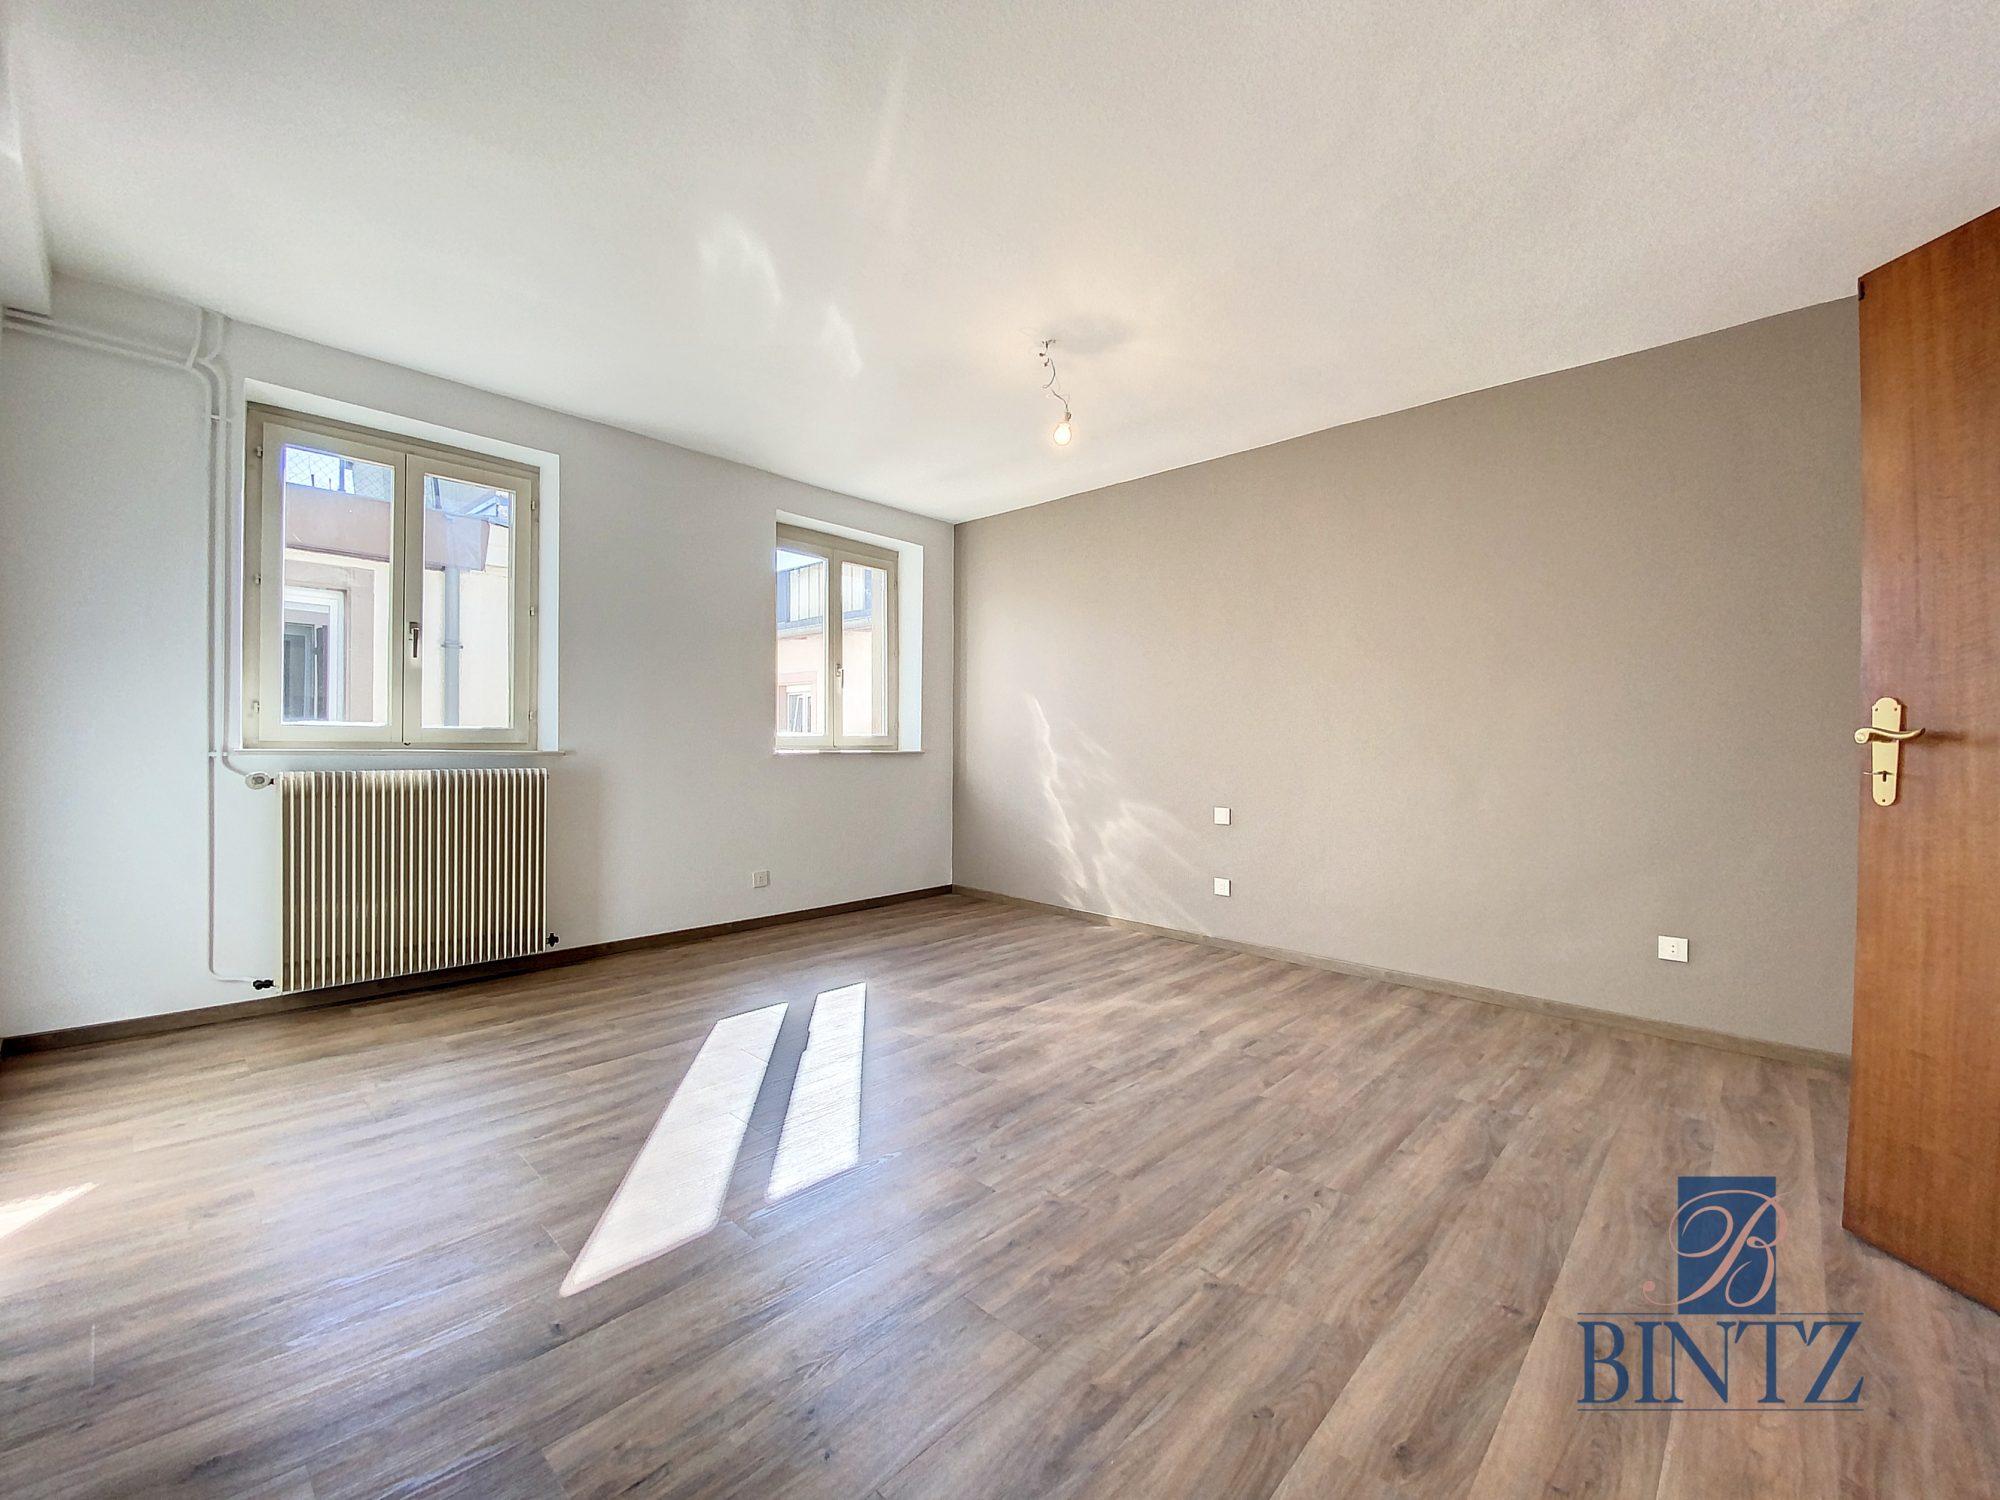 DUPLEX PLACE DE L'UNIVERSITÉ AVEC TERRASSE - Devenez locataire en toute sérénité - Bintz Immobilier - 14